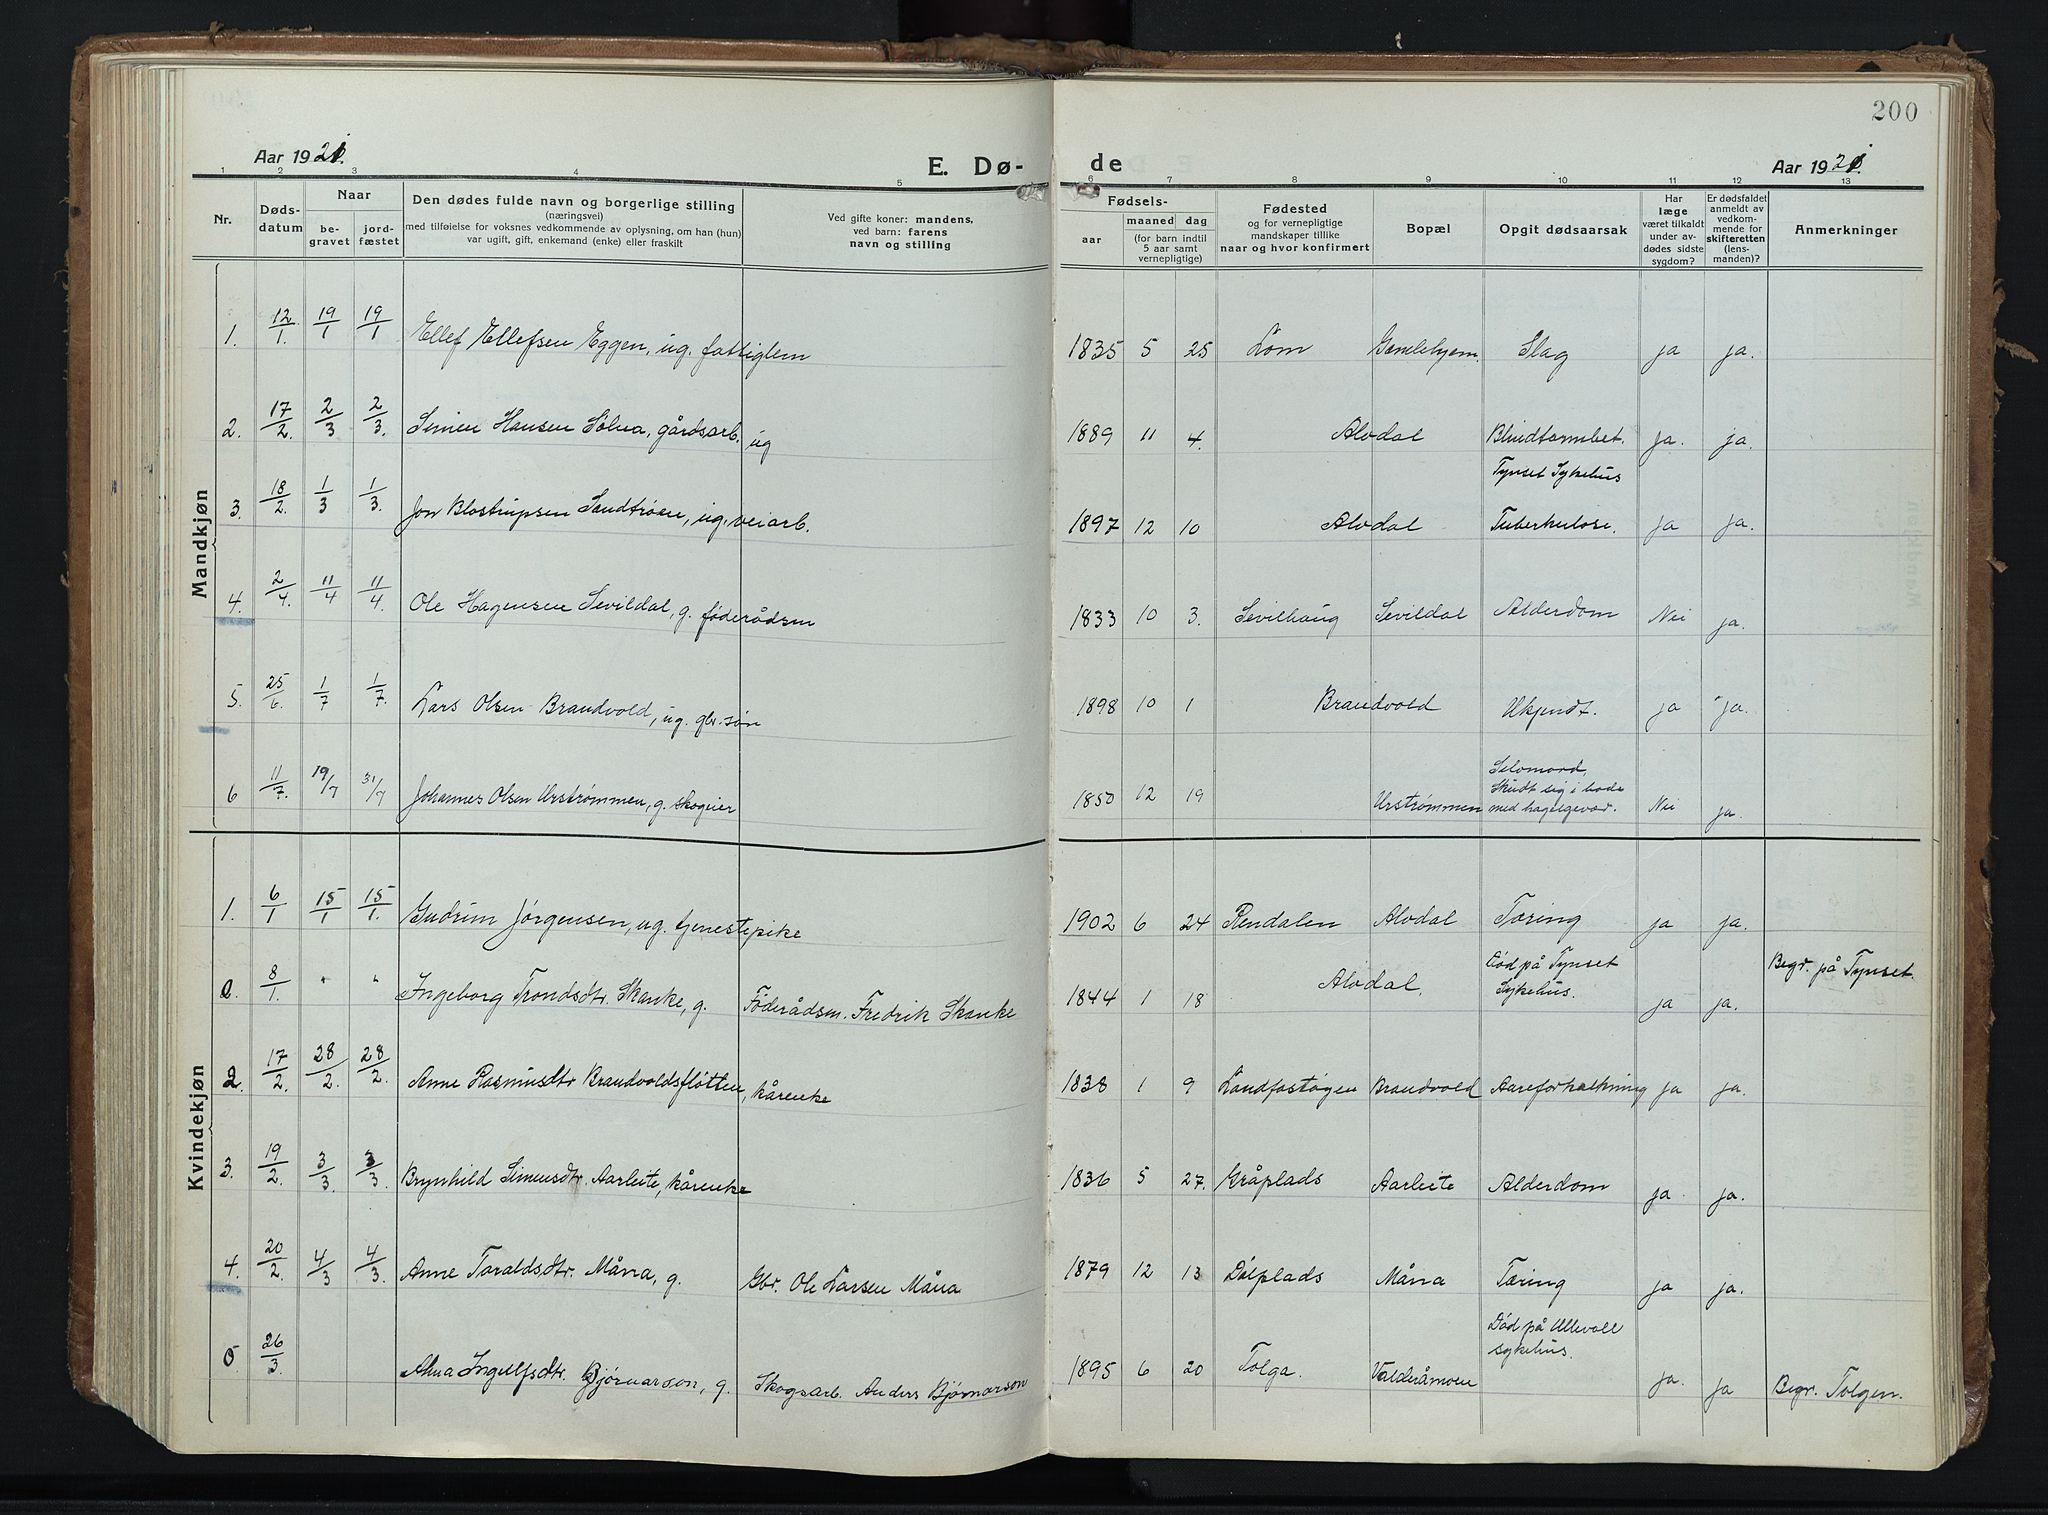 SAH, Alvdal prestekontor, Ministerialbok nr. 6, 1920-1937, s. 200